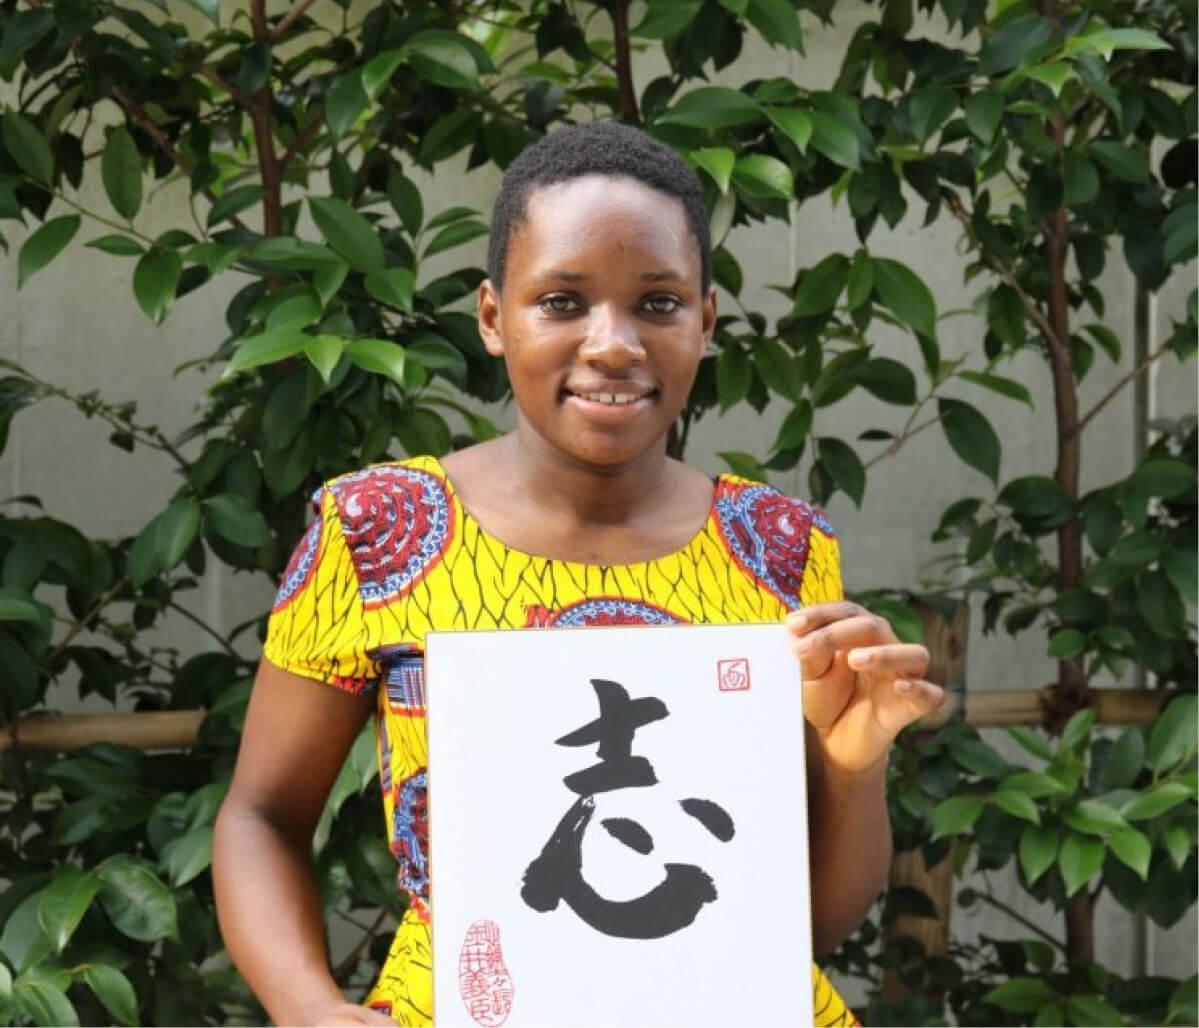 アフリカ遺児の教育支援事業